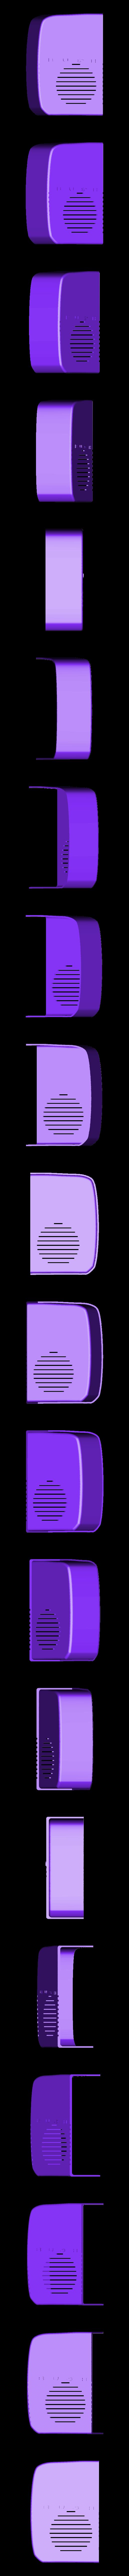 radio_left.stl Télécharger fichier STL gratuit Porte-point-écho de la radio Amazon vintage de Bush • Plan pour impression 3D, coastermad